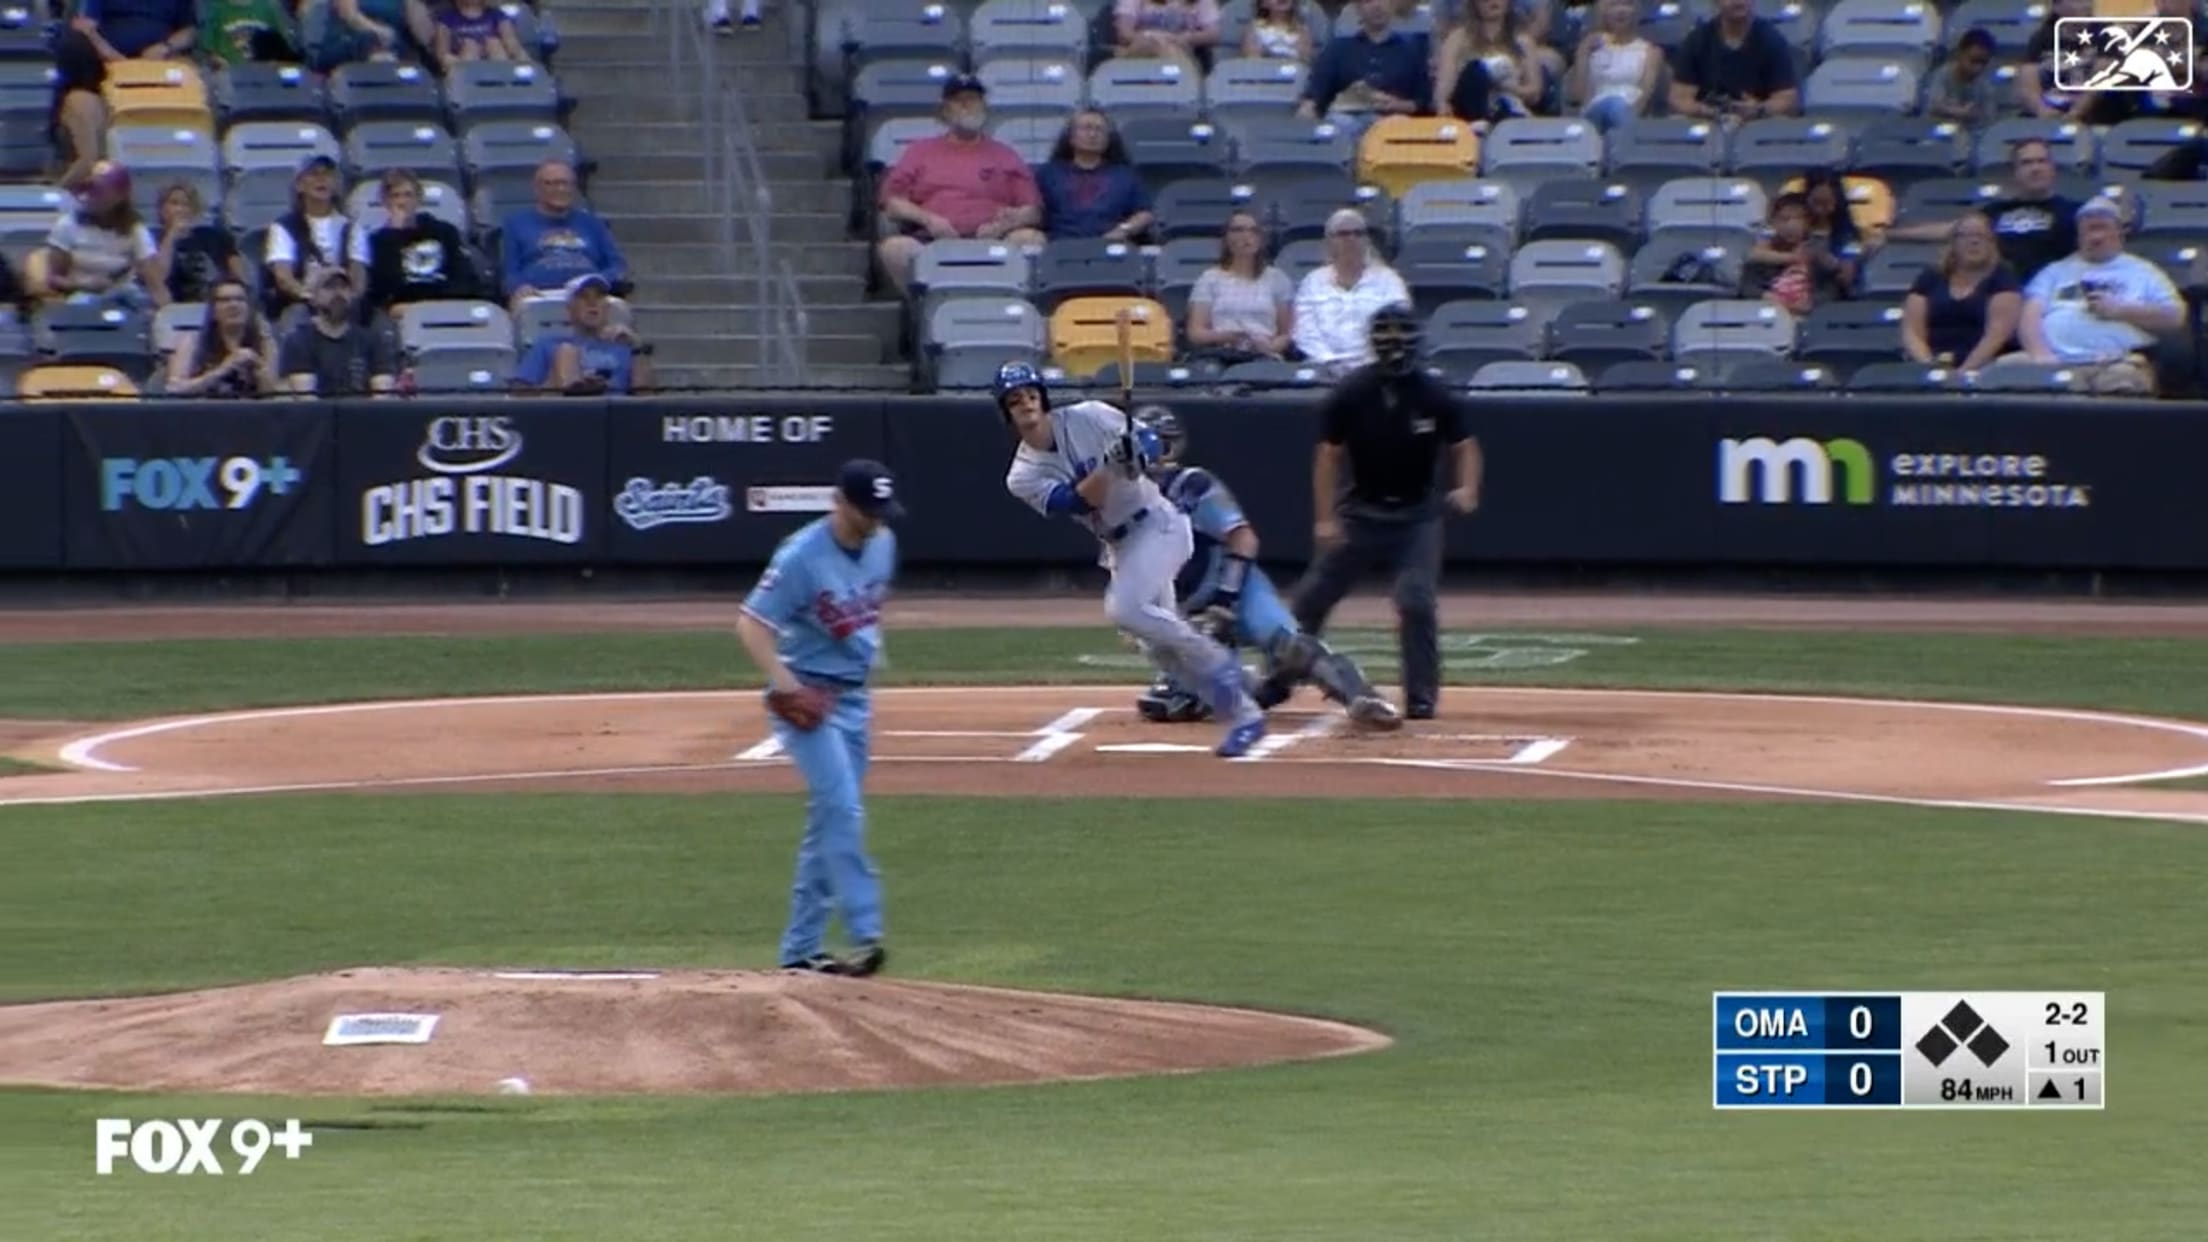 Witt Jr.'s 31st home run